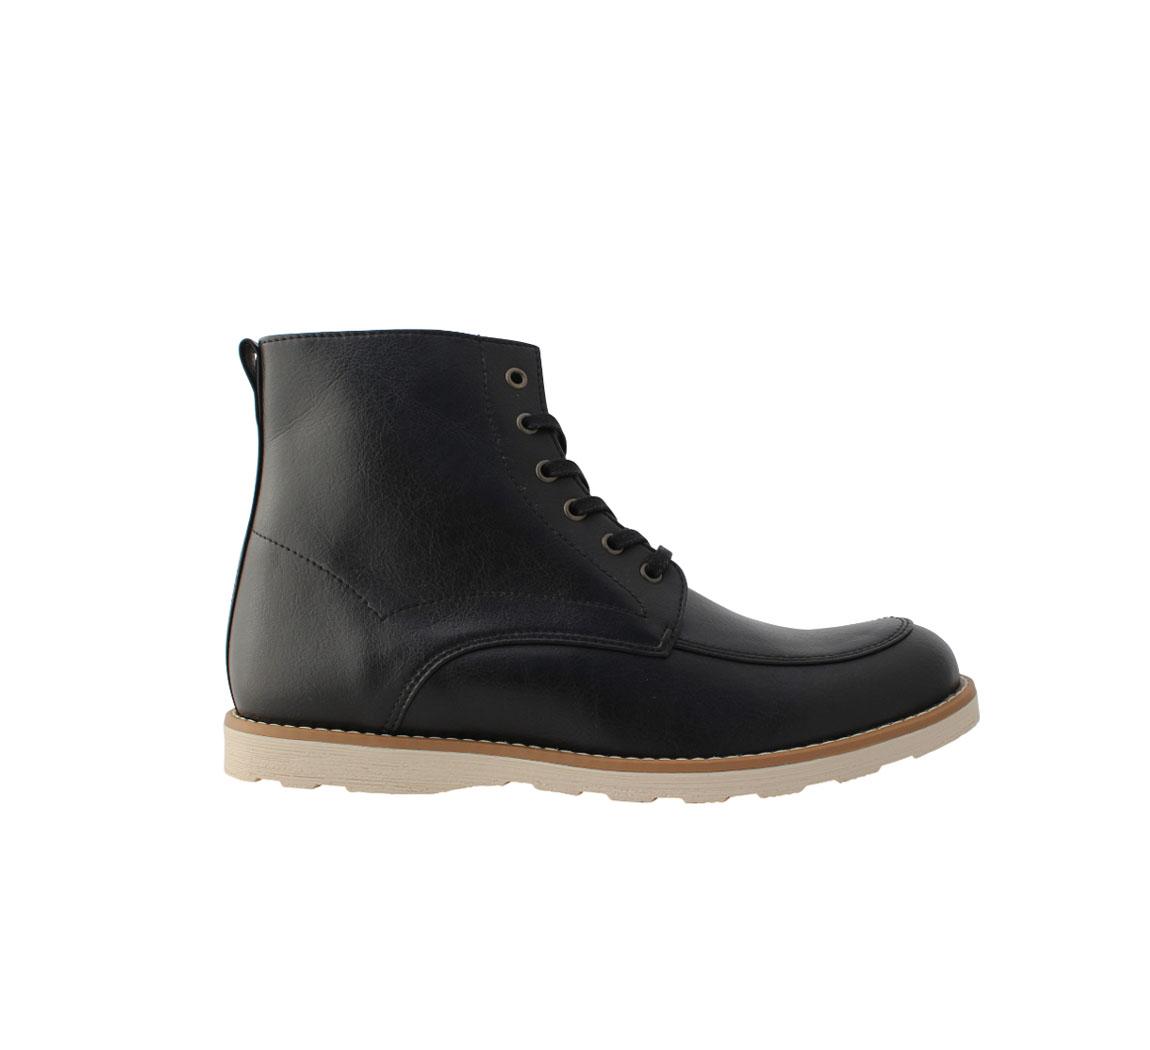 Bottine homme noire  Casual Boots